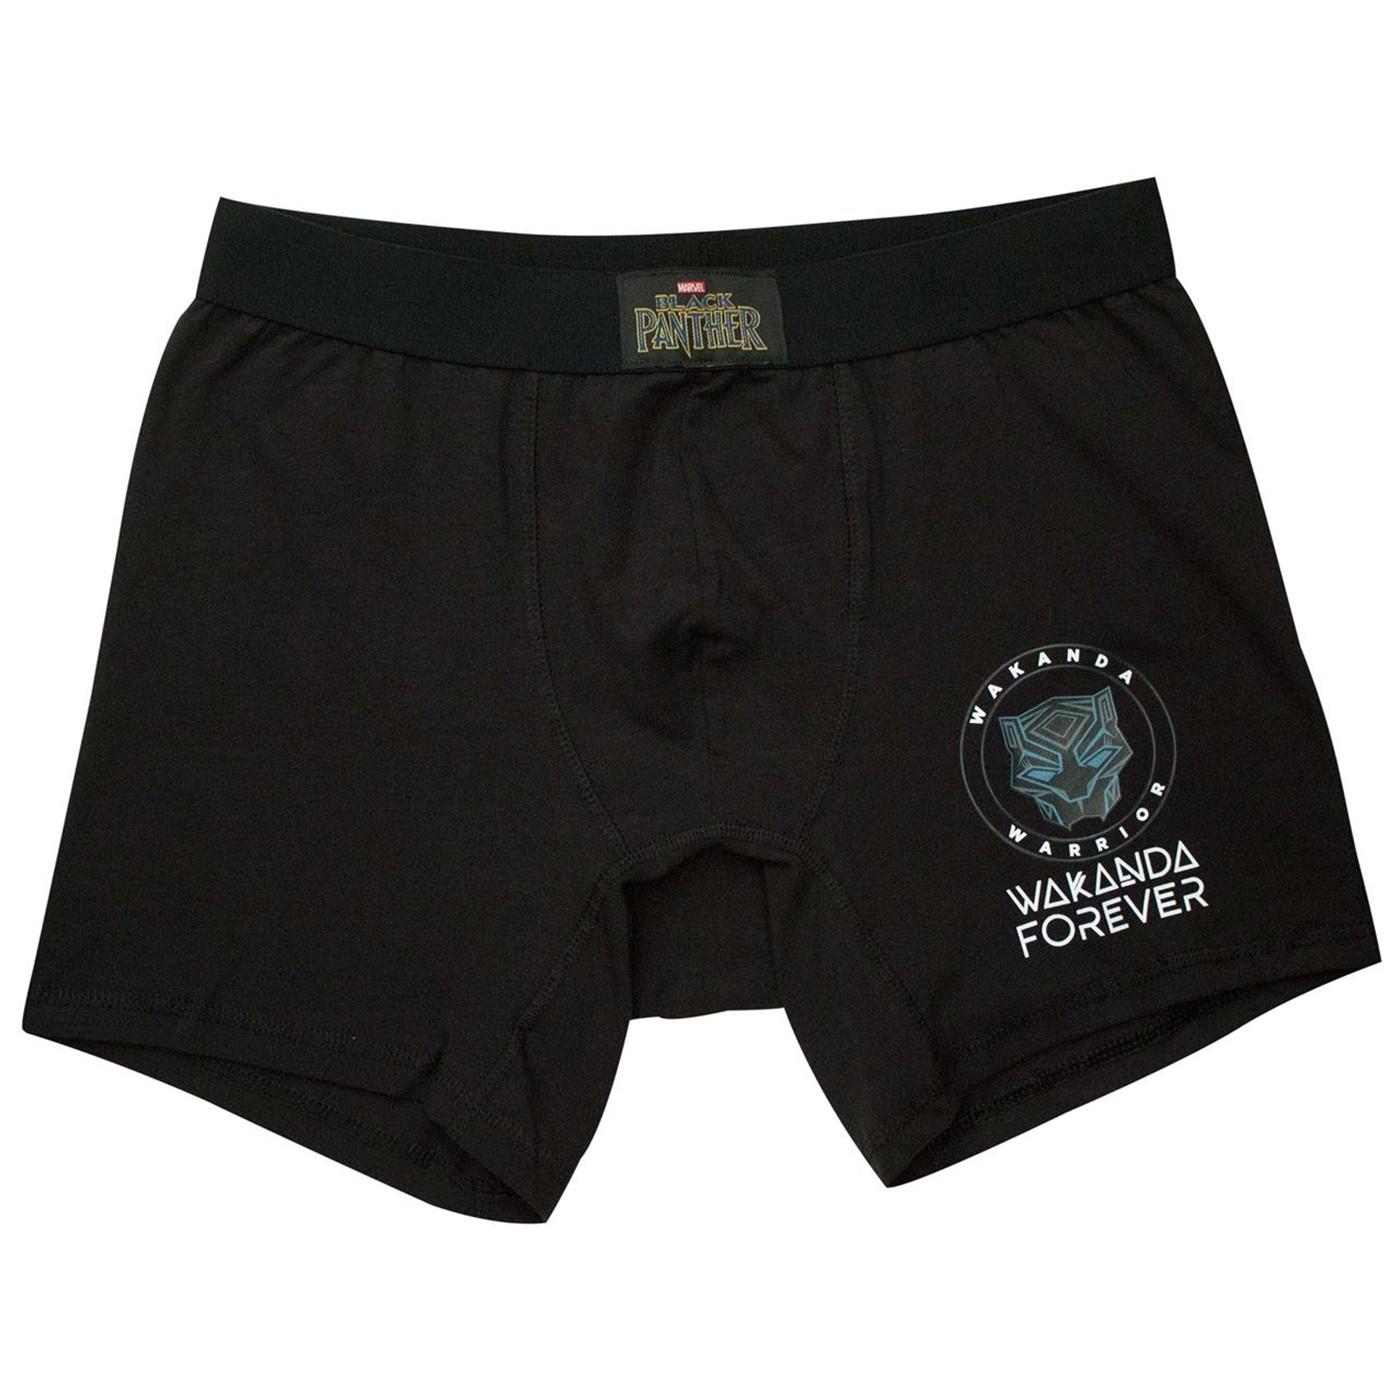 Black Panther Wakanka Forever Men's Underwear Boxer Briefs